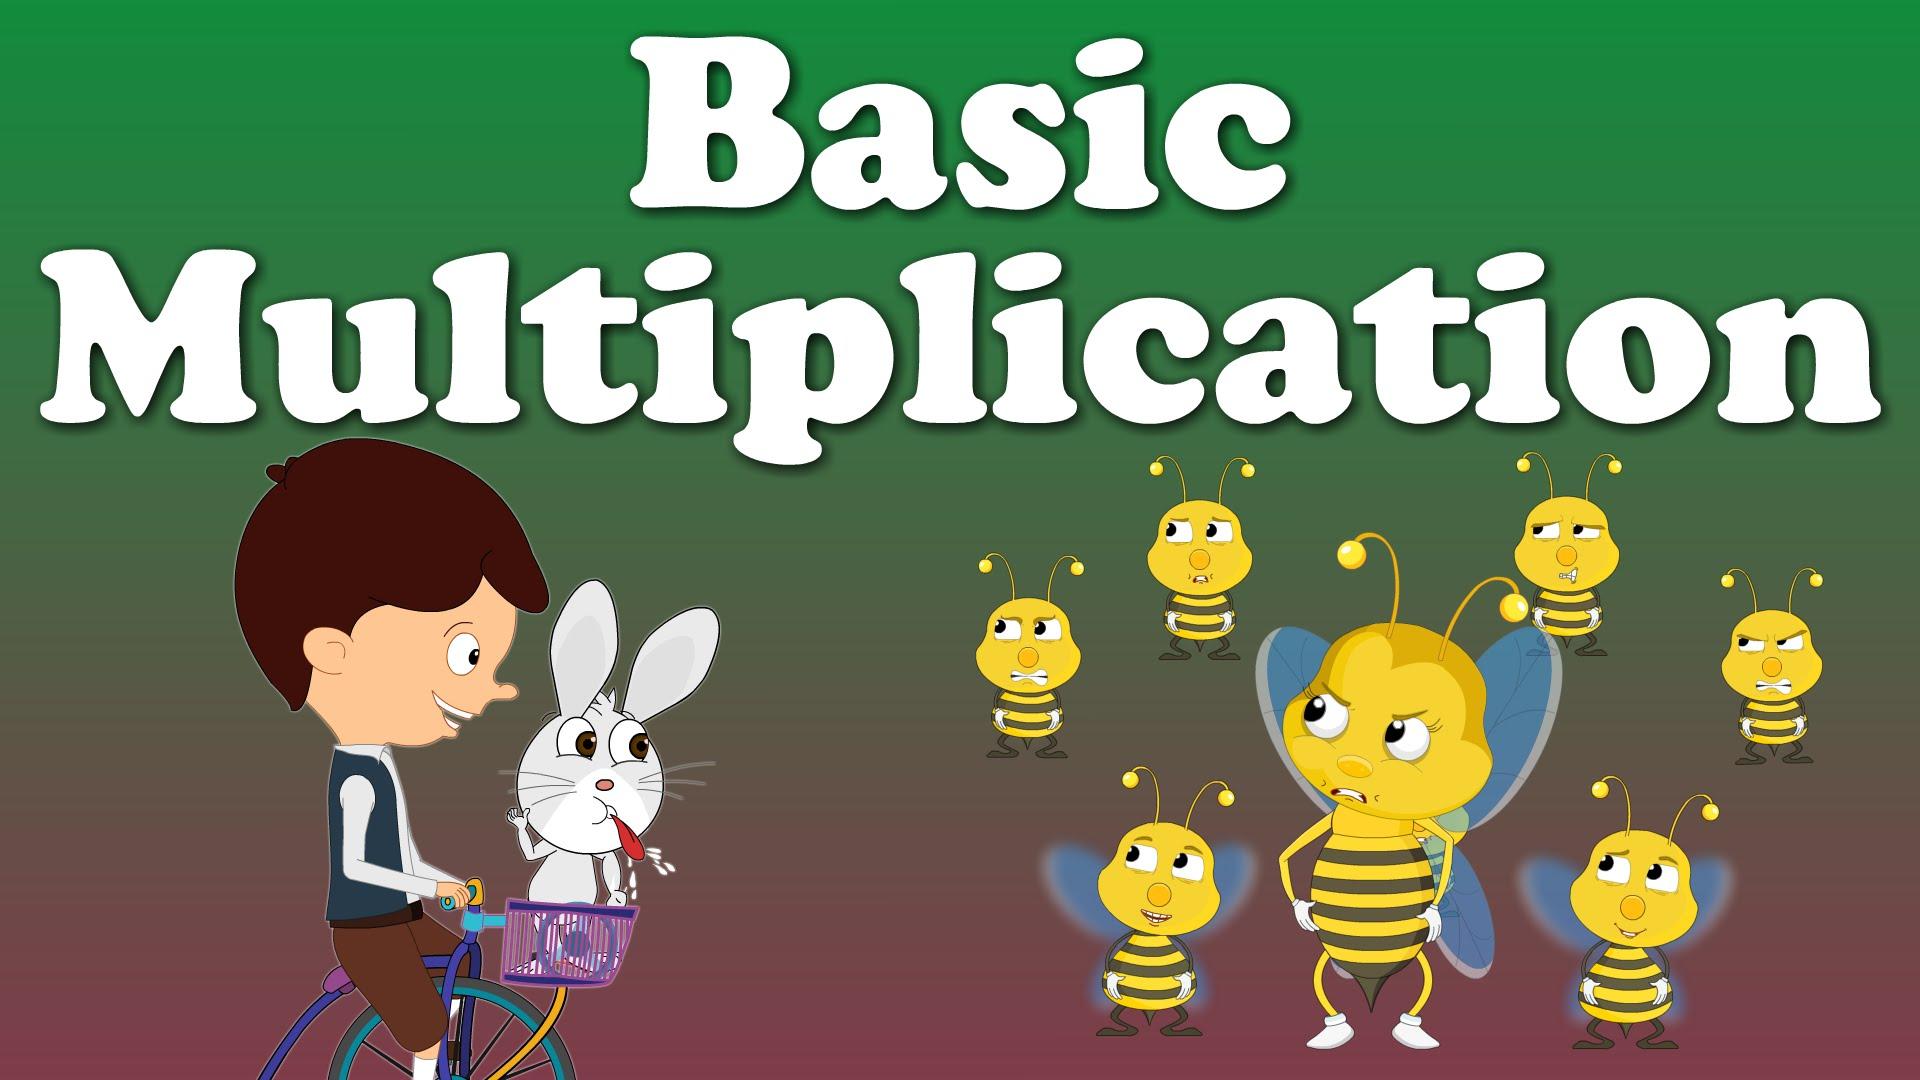 Basic Multiplication For Kids